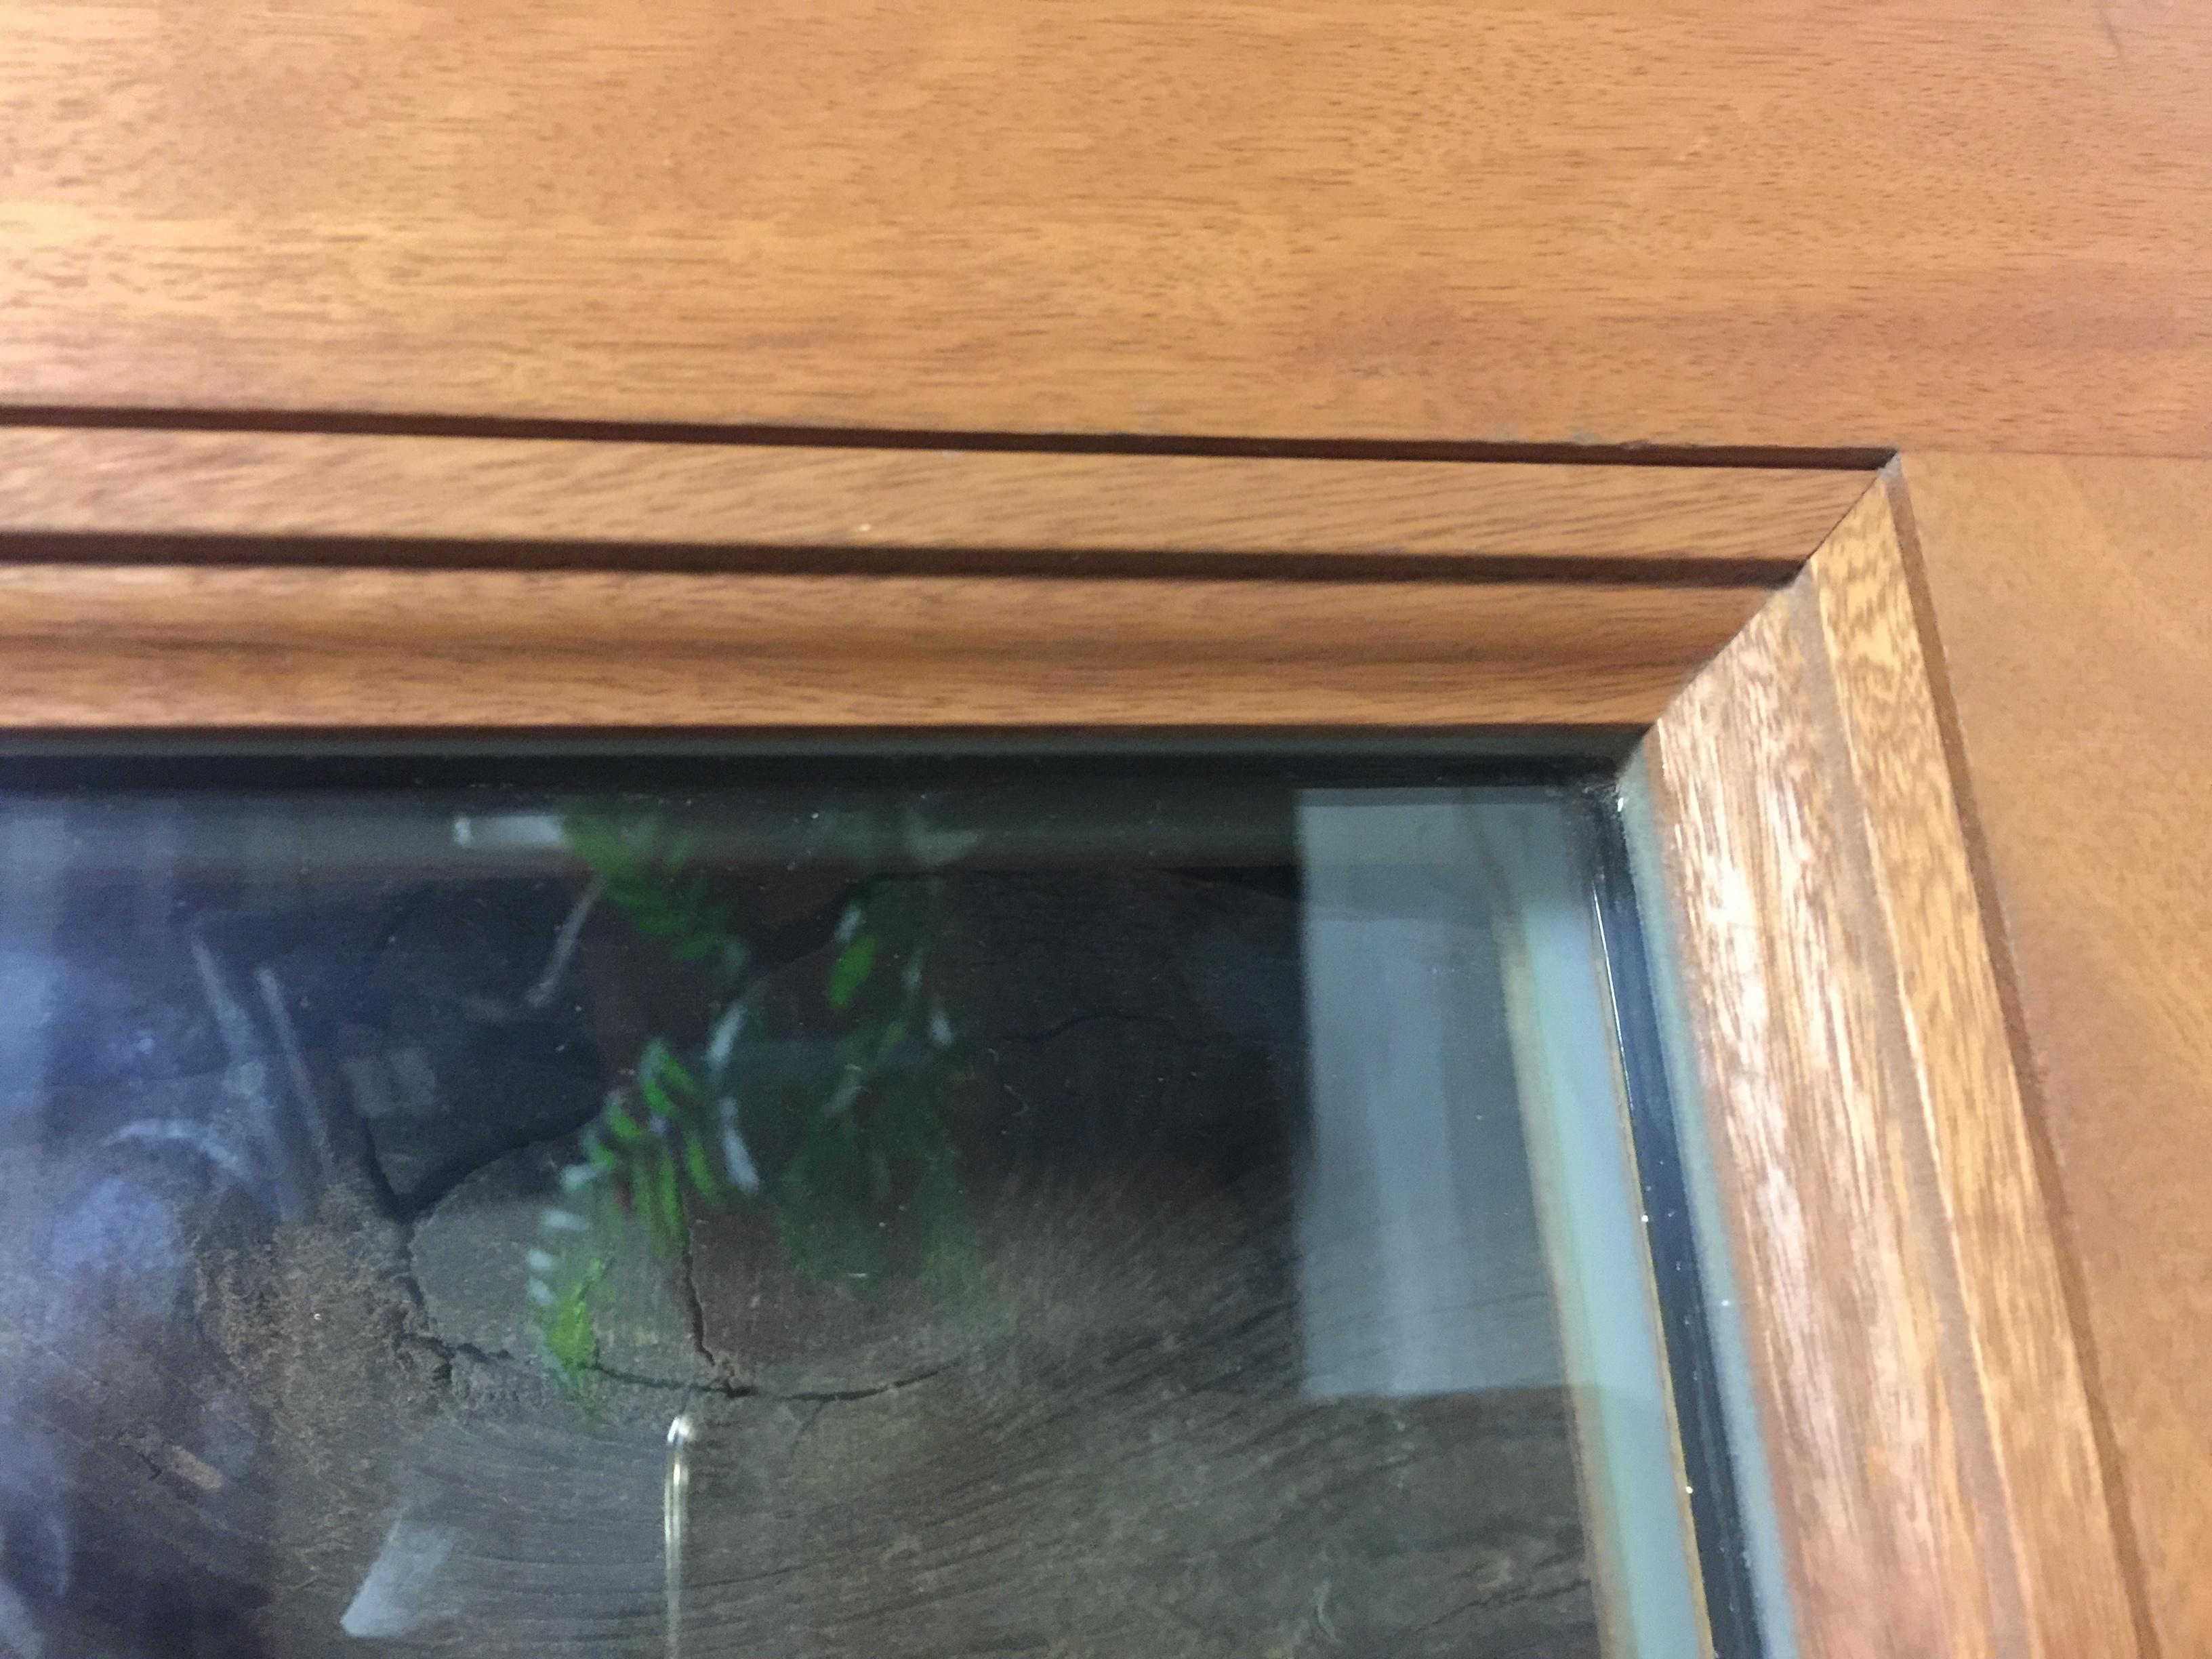 joint de vitrages silicone sur menuiserie bois